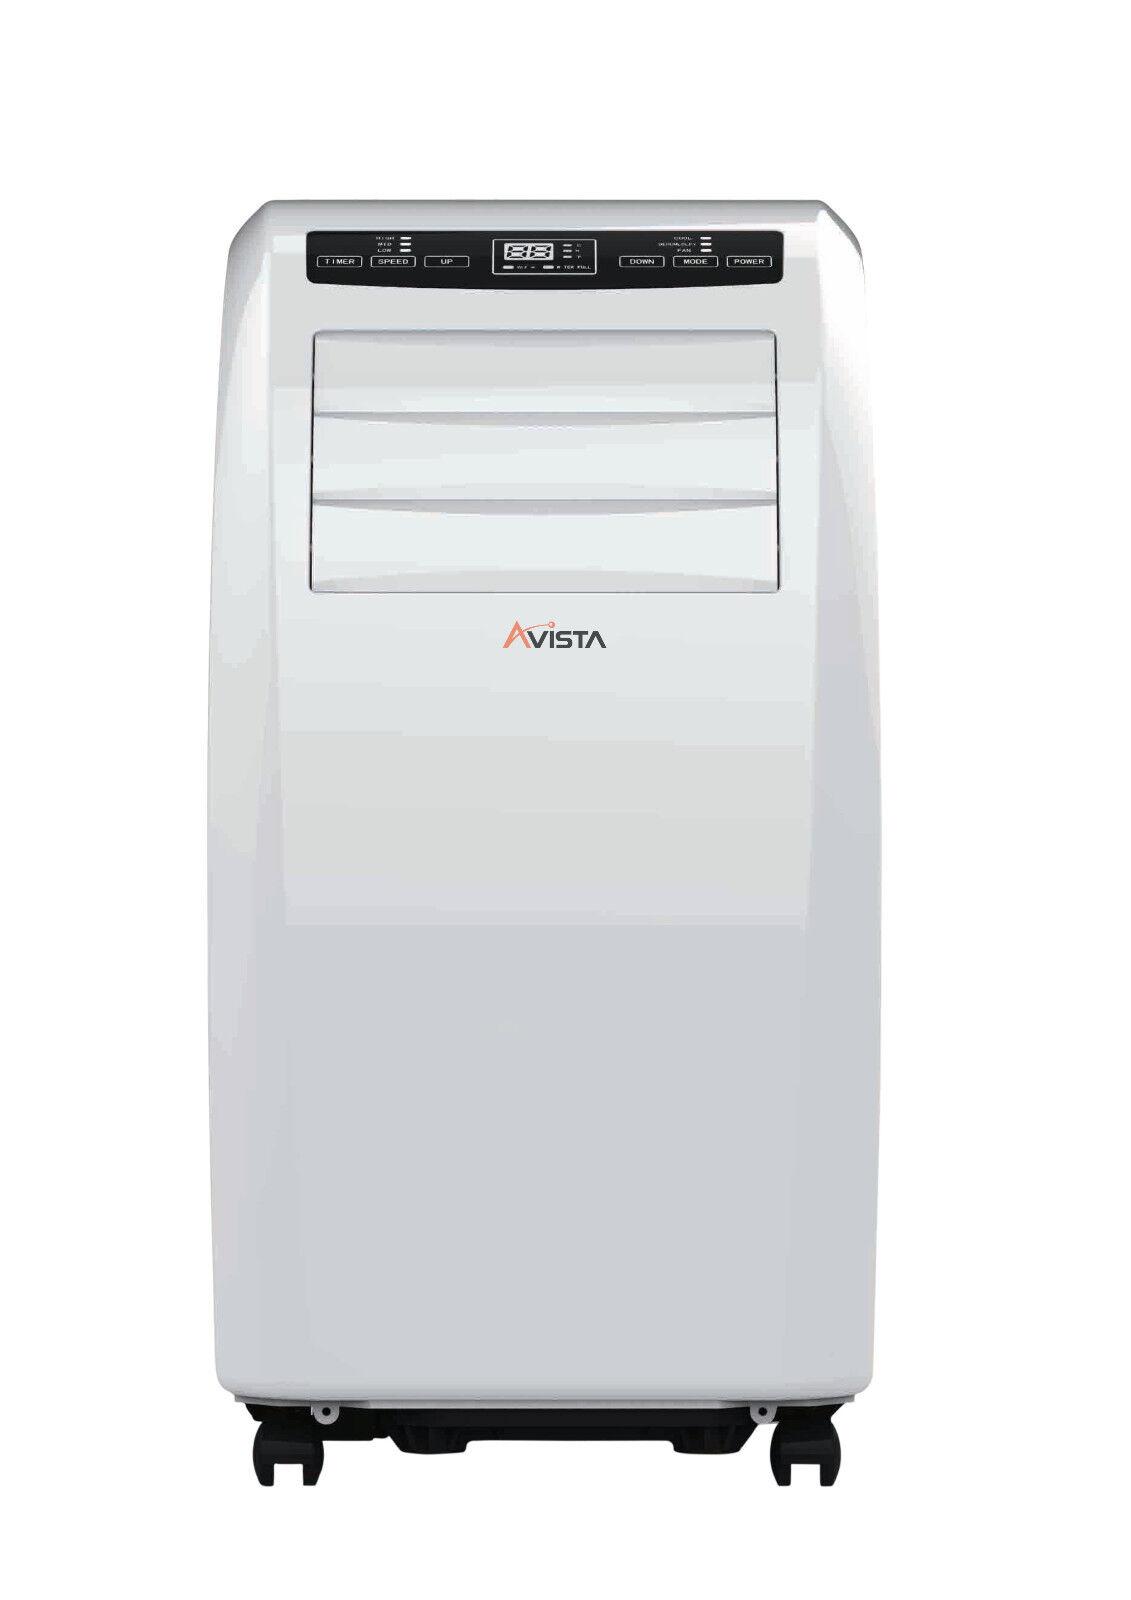 AVISTA 12,000 BTU Portable Air Conditioner - APA12ECW